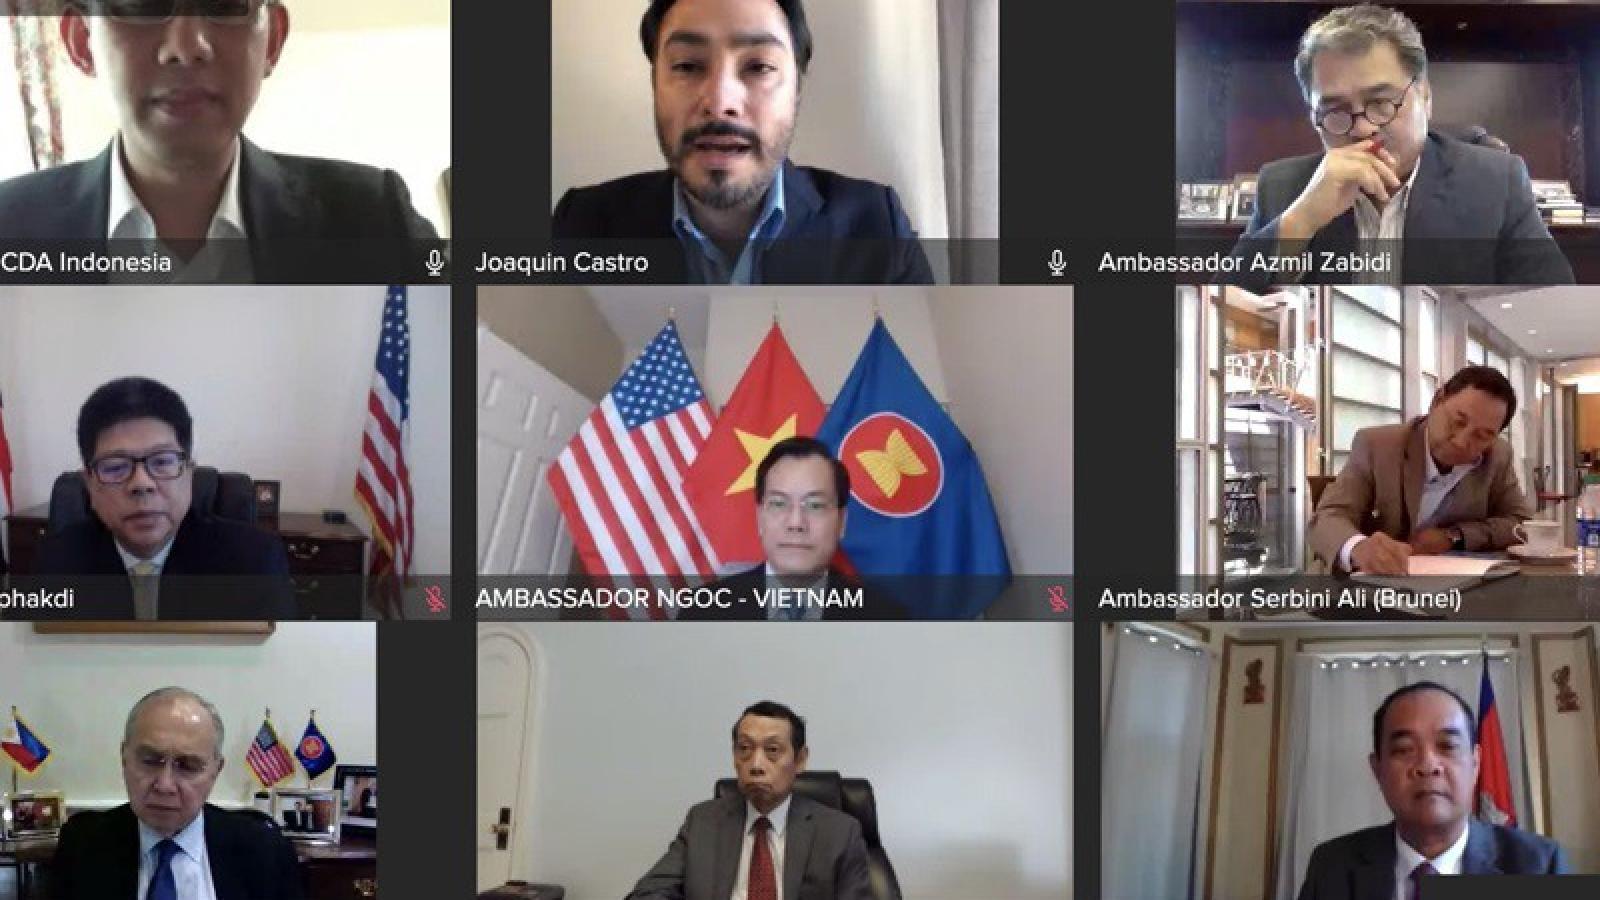 Nhóm ASEAN tại Quốc hội Mỹ khẳng định tăng cường quan hệ với ASEAN